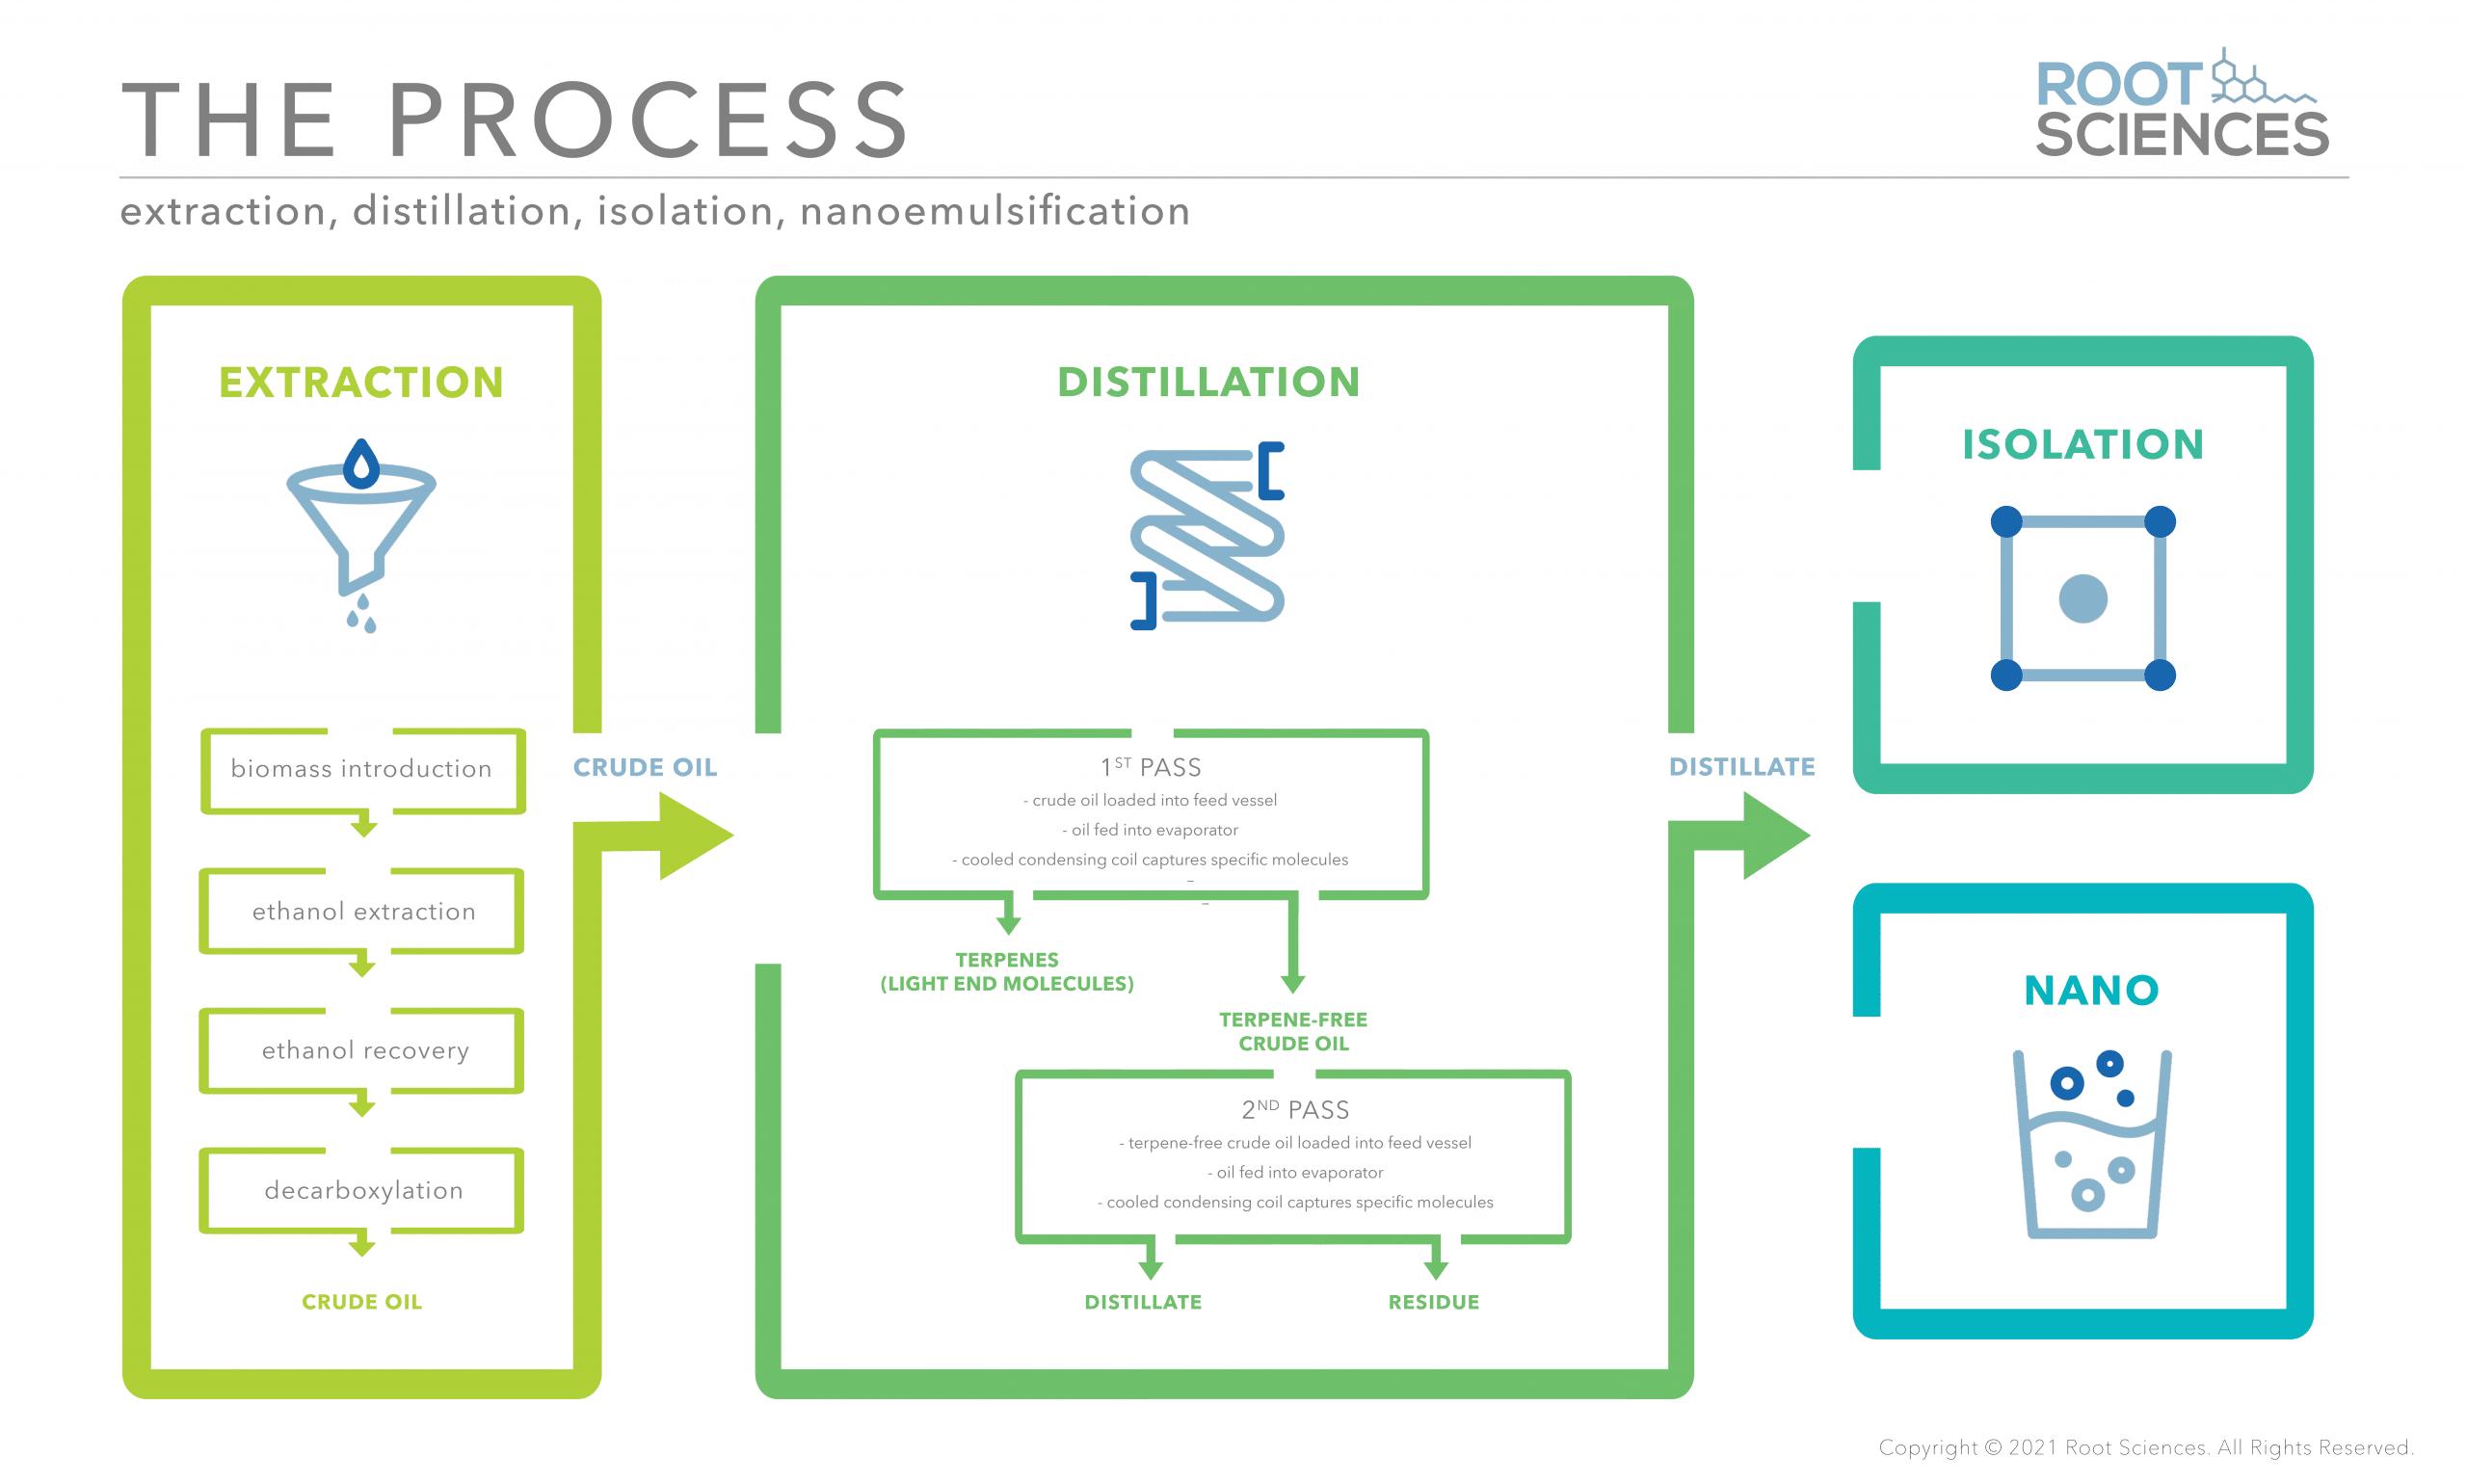 extraction, distillation, isolation, nanoemulsification process